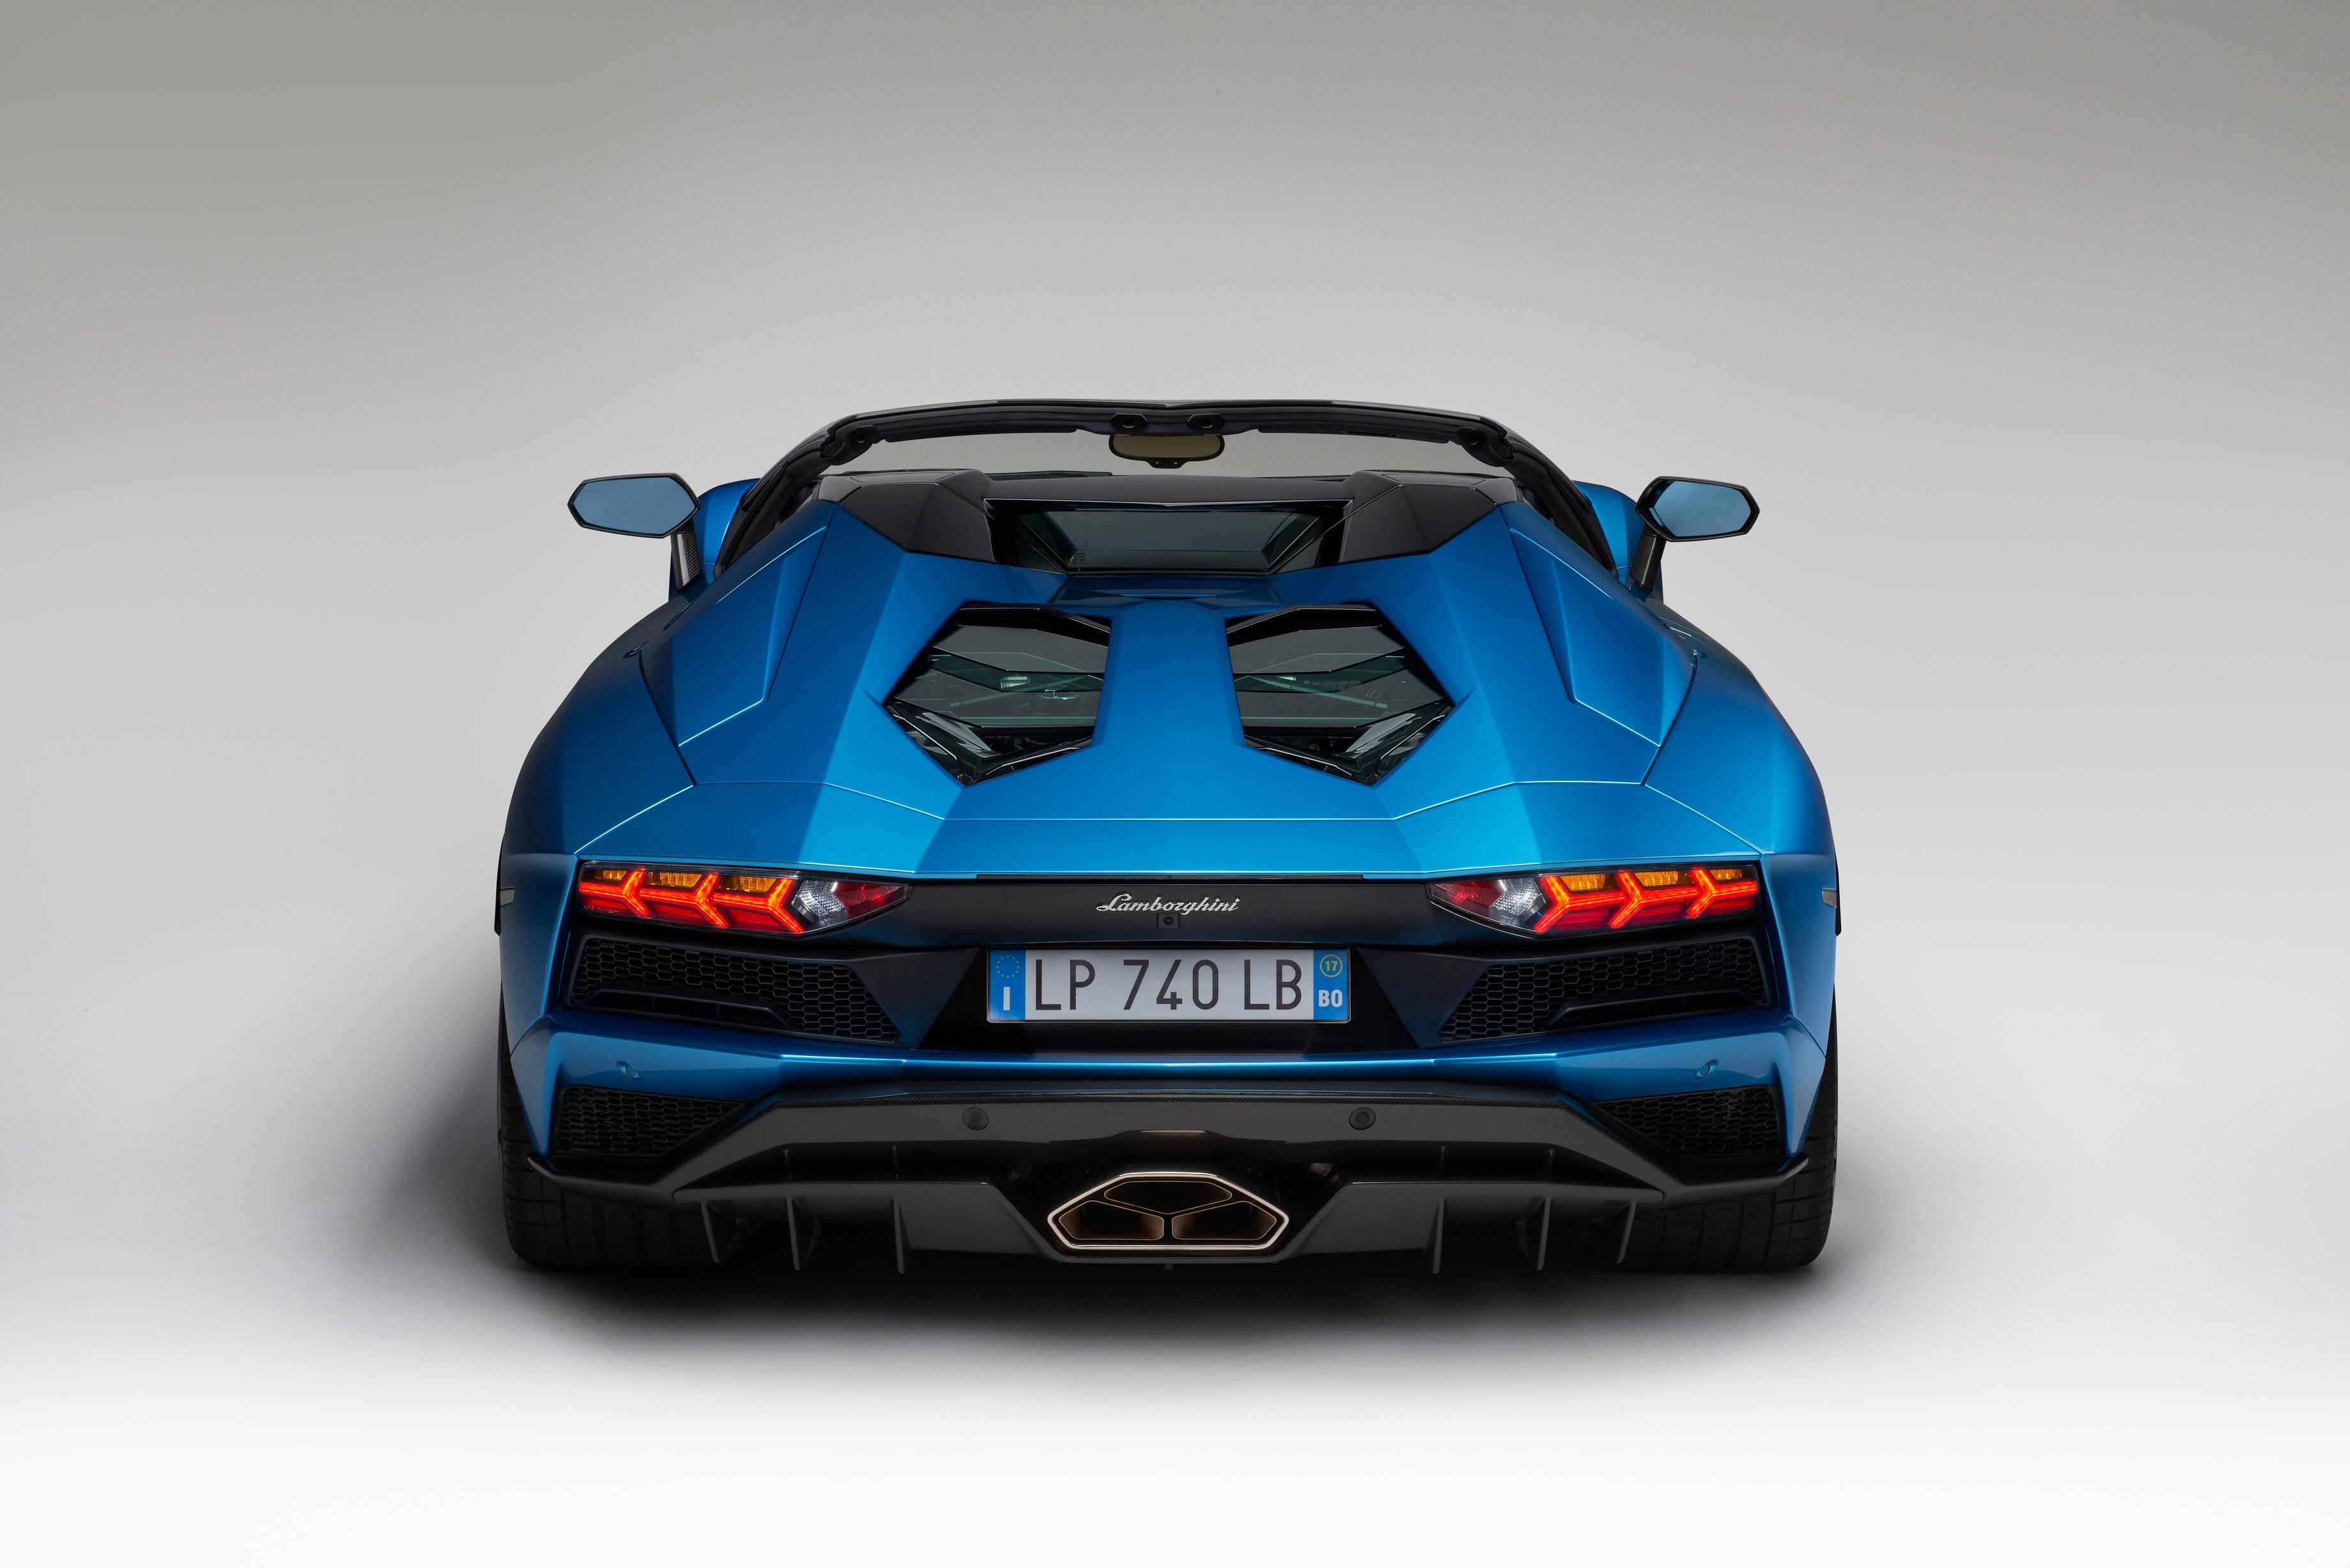 Lamborghini Aventador Superveloce Roadster 2017 Rear